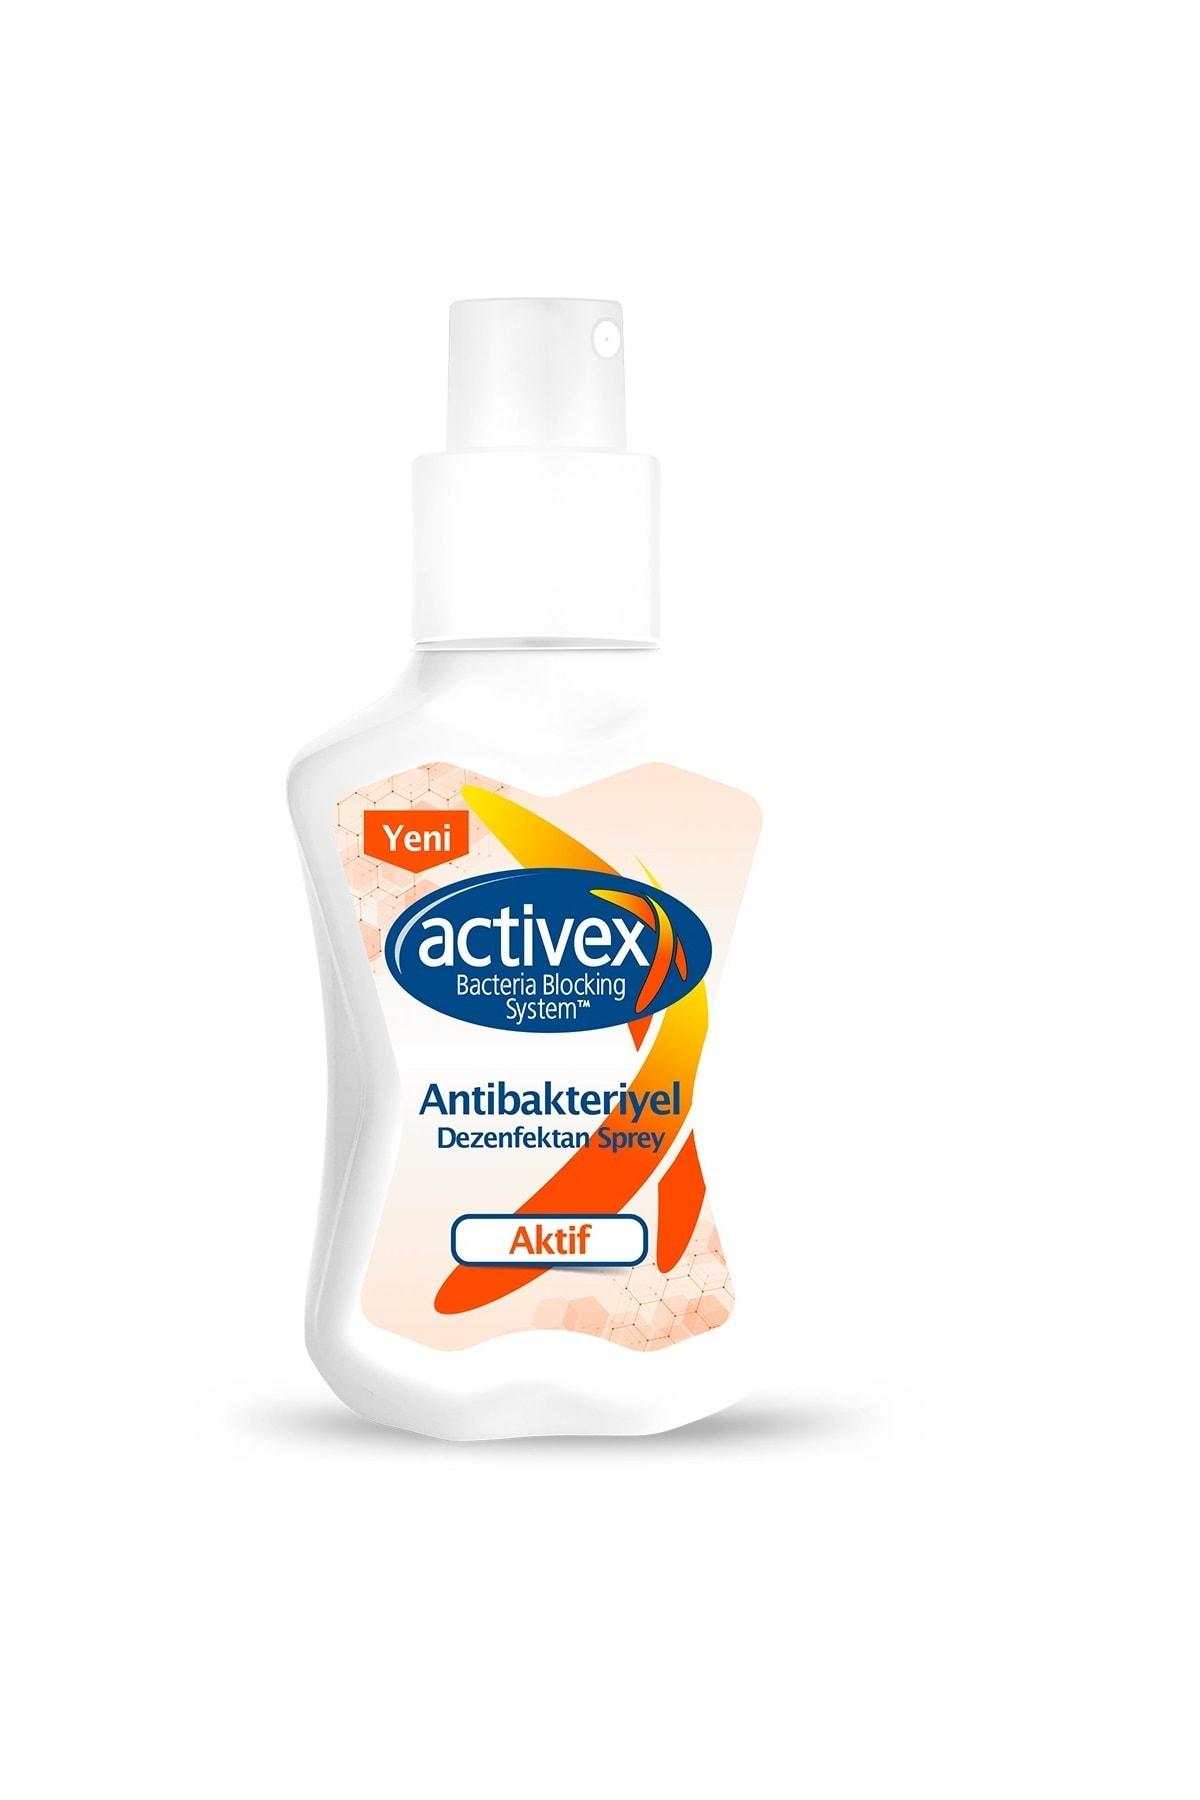 Activex Antibakteriyel Dezenfektan Sprey 100 ml